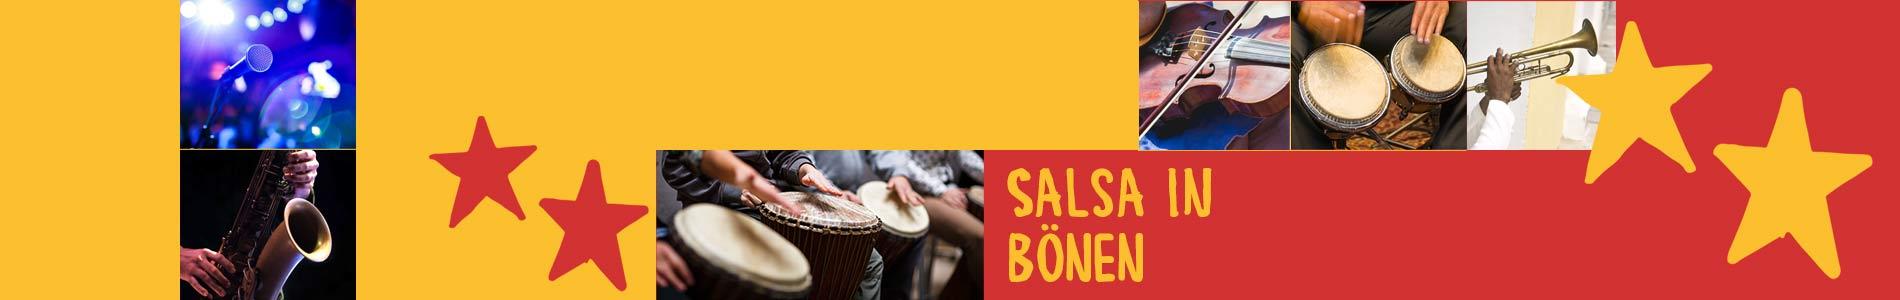 Salsa in Bönen – Salsa lernen und tanzen, Tanzkurse, Partys, Veranstaltungen